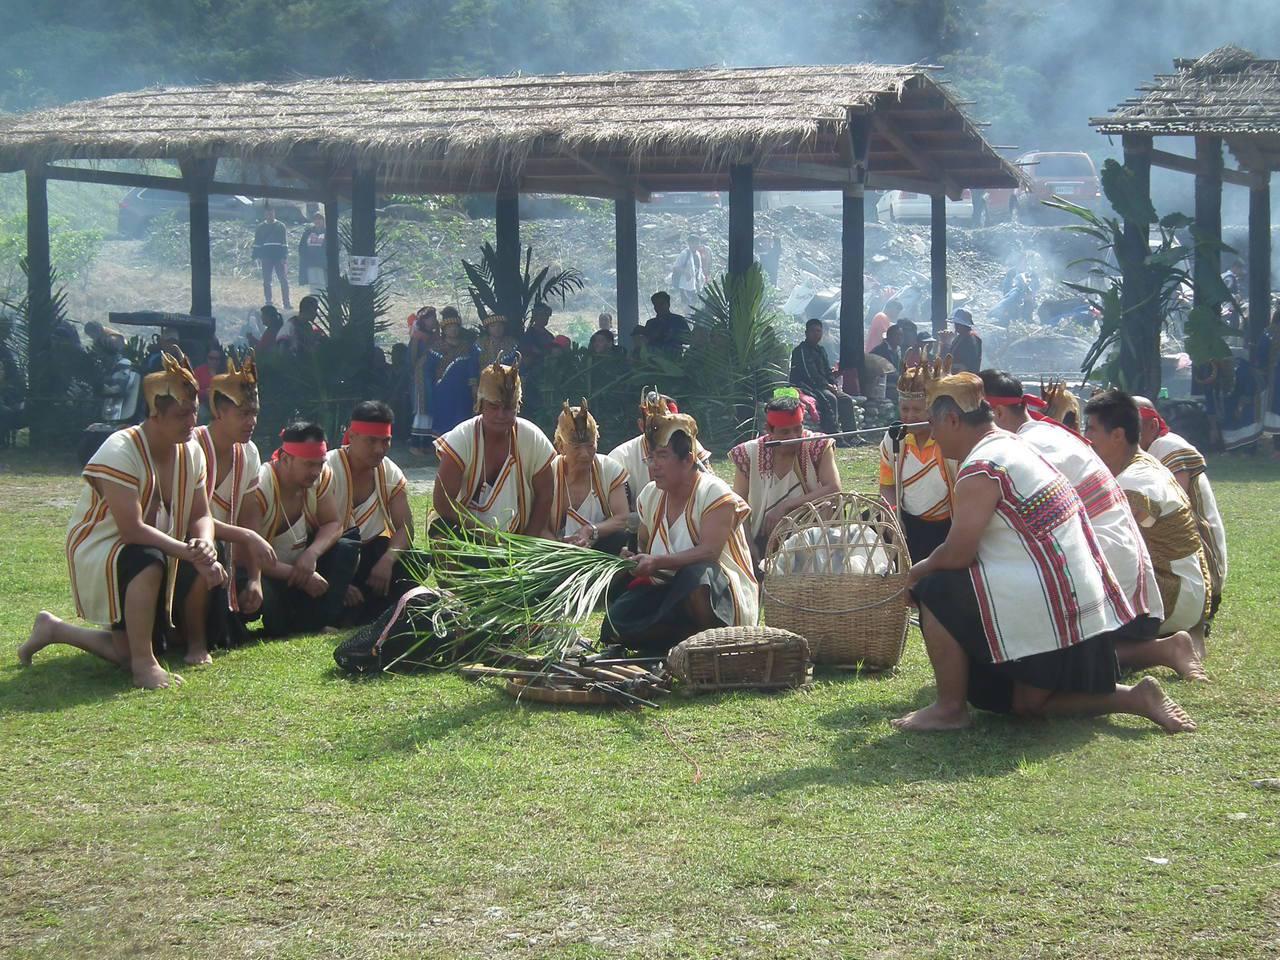 台東延平鄉武陵部落今天舉辦台東布農族年度首場重要節慶「射耳祭」,透過祭儀表演與大...